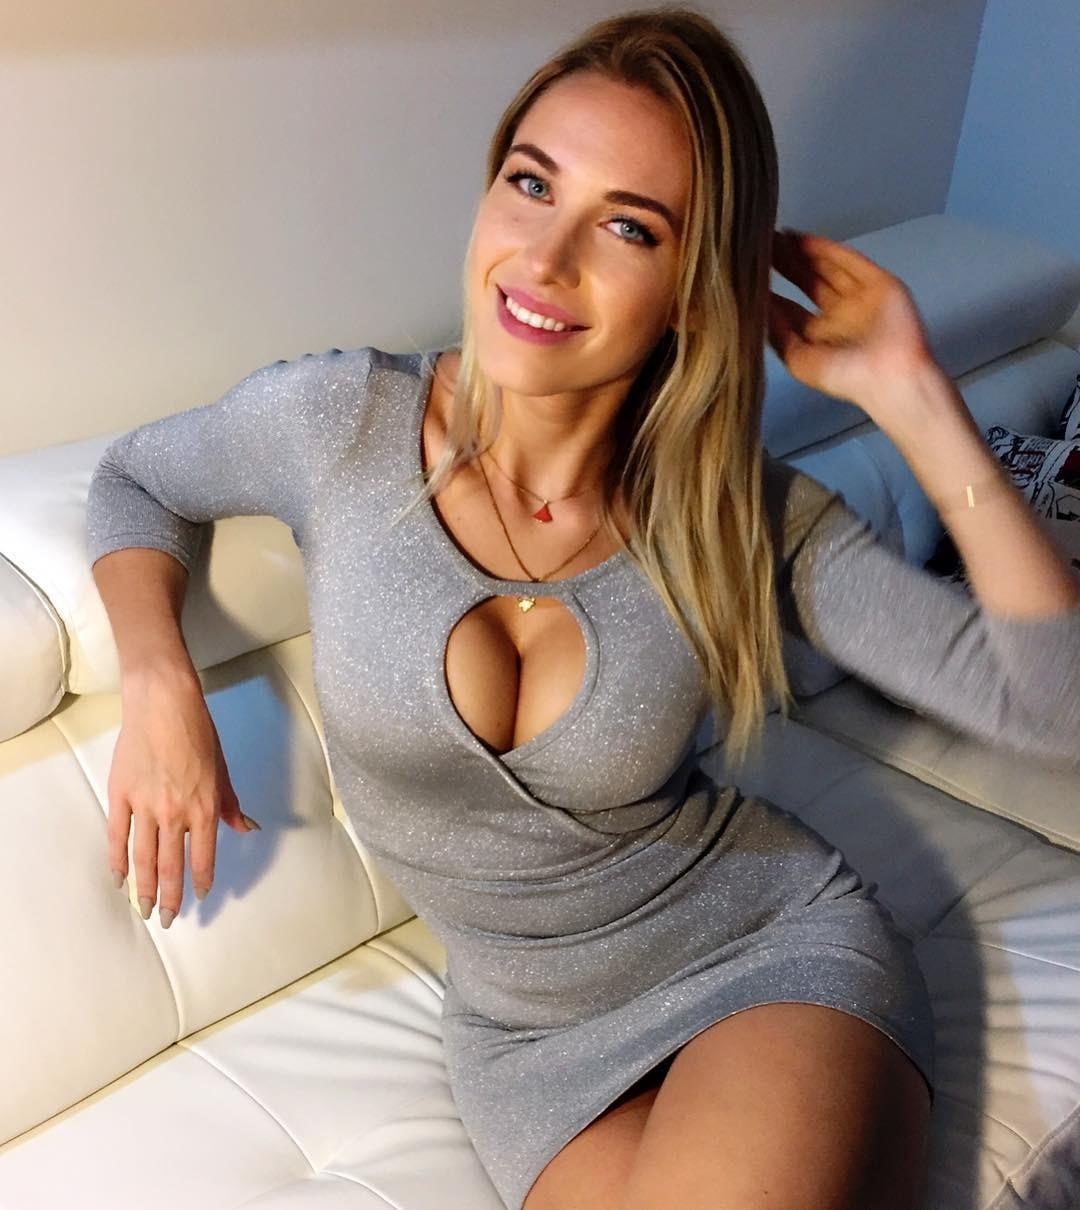 Maria doroshina nude